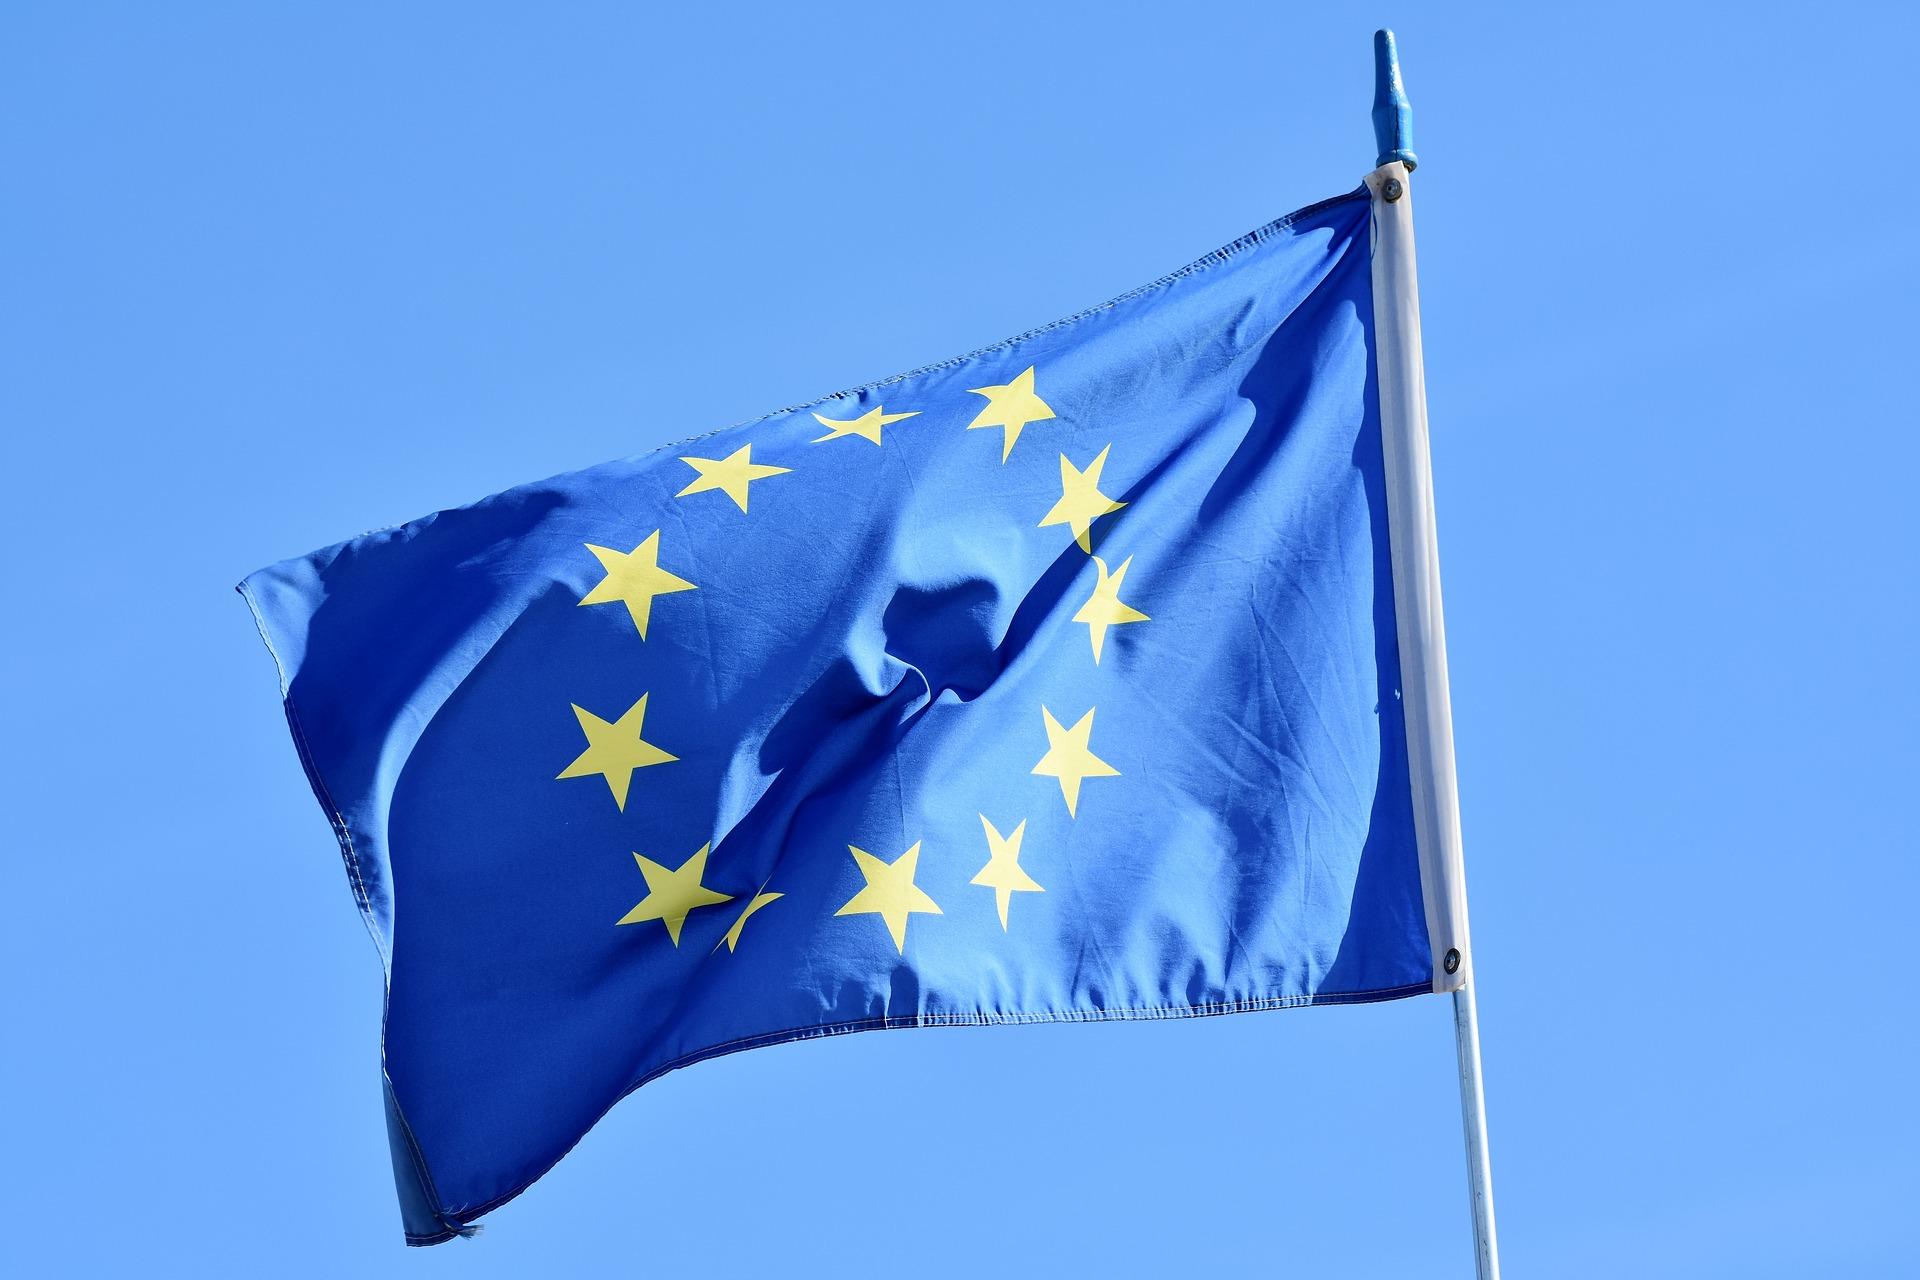 3 Ideias de Sucesso na Europa Inspiradoras para Empreendores